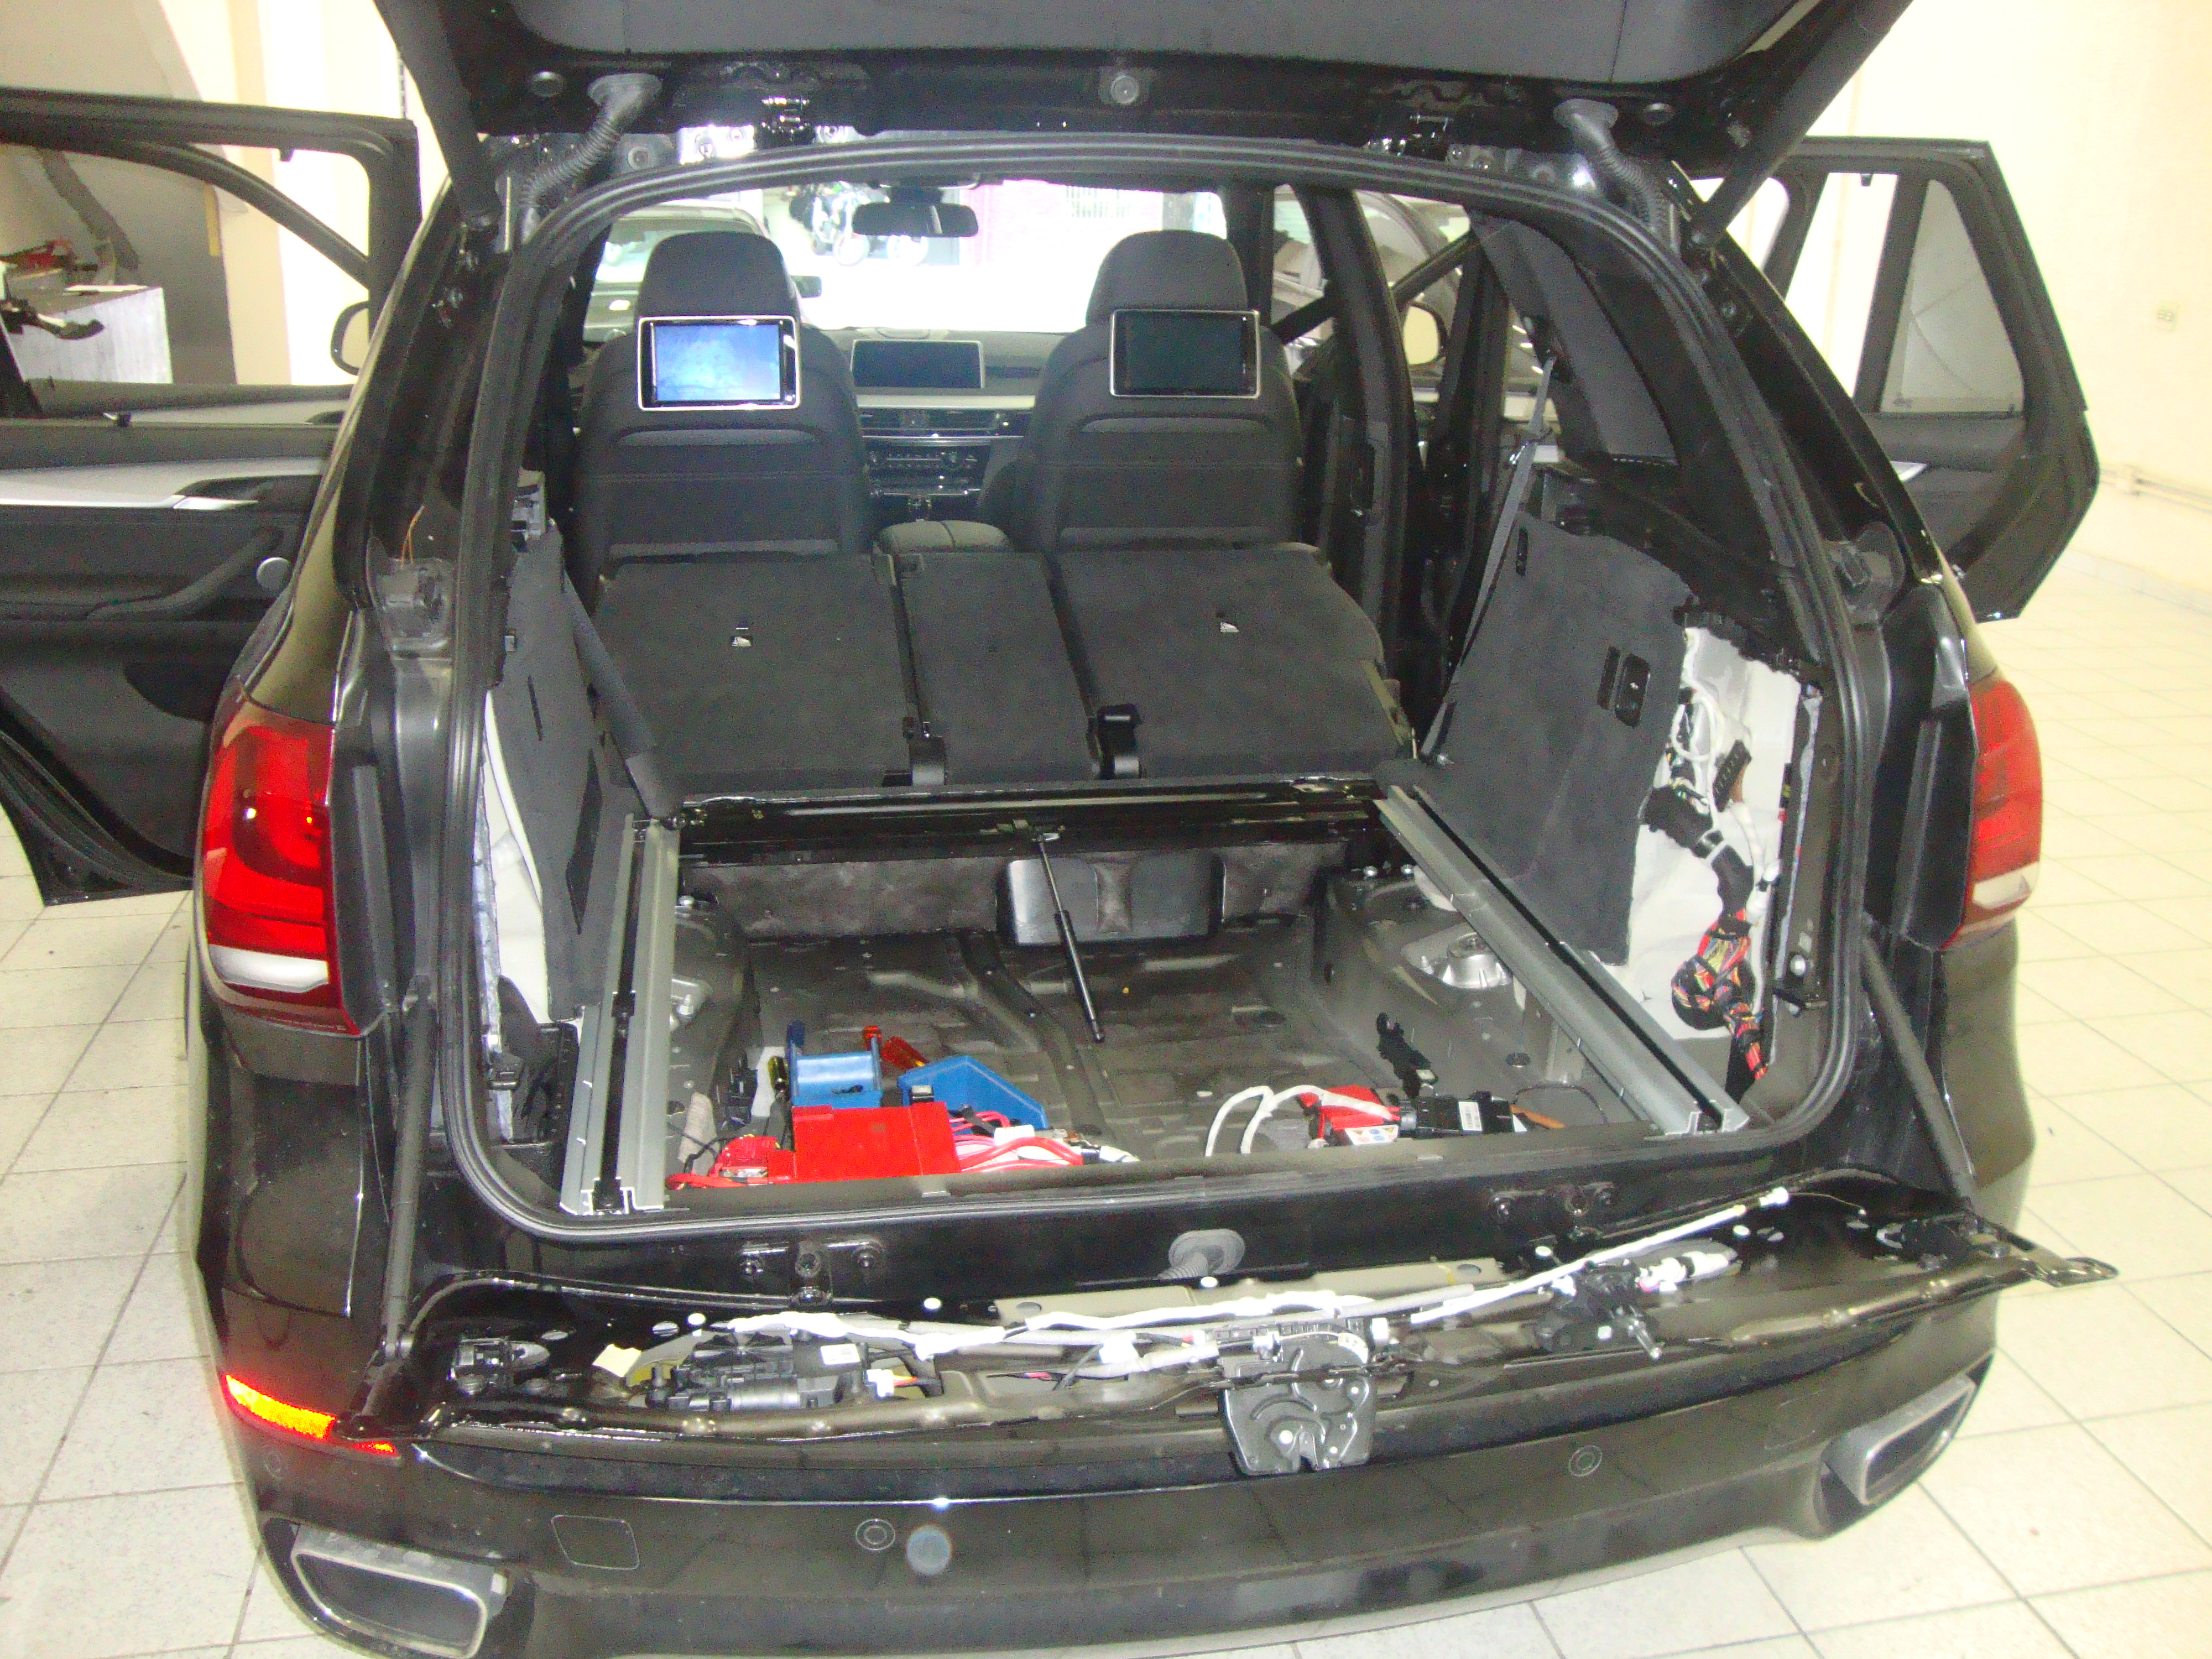 BMW X5 (9) (1)